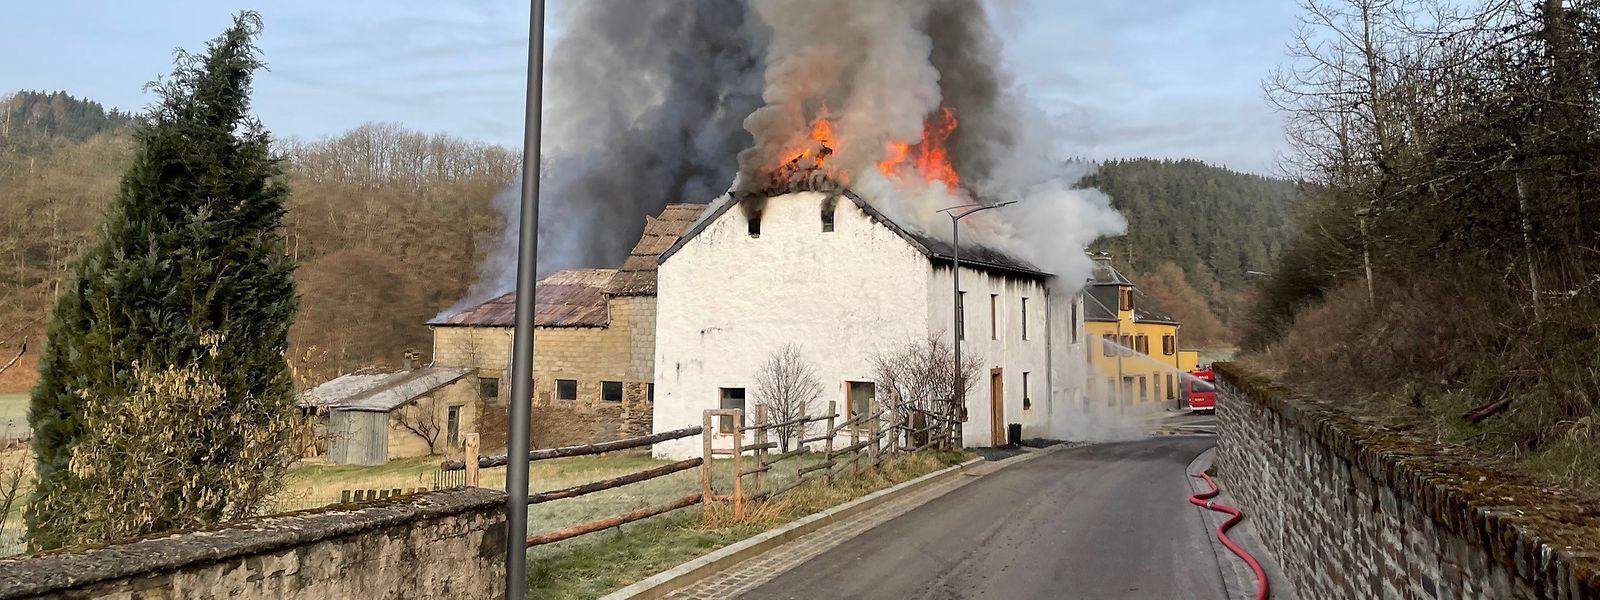 Vor Ort waren rund 50 Feuerwehrleute aus dem Norden des Landes im Einsatz.